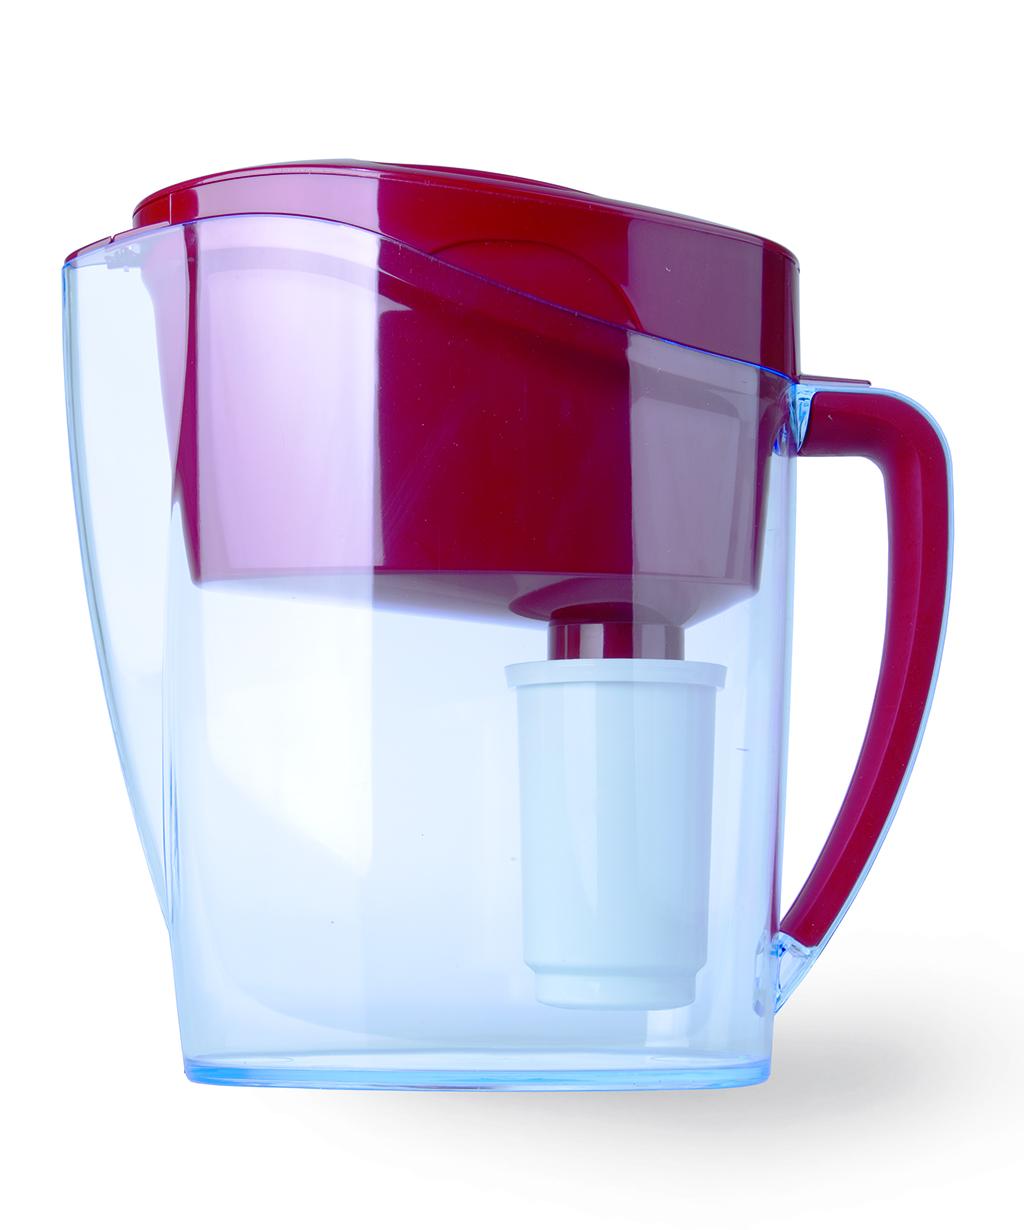 Фильтры для воды Гейзер Real Brand Technics 350.000